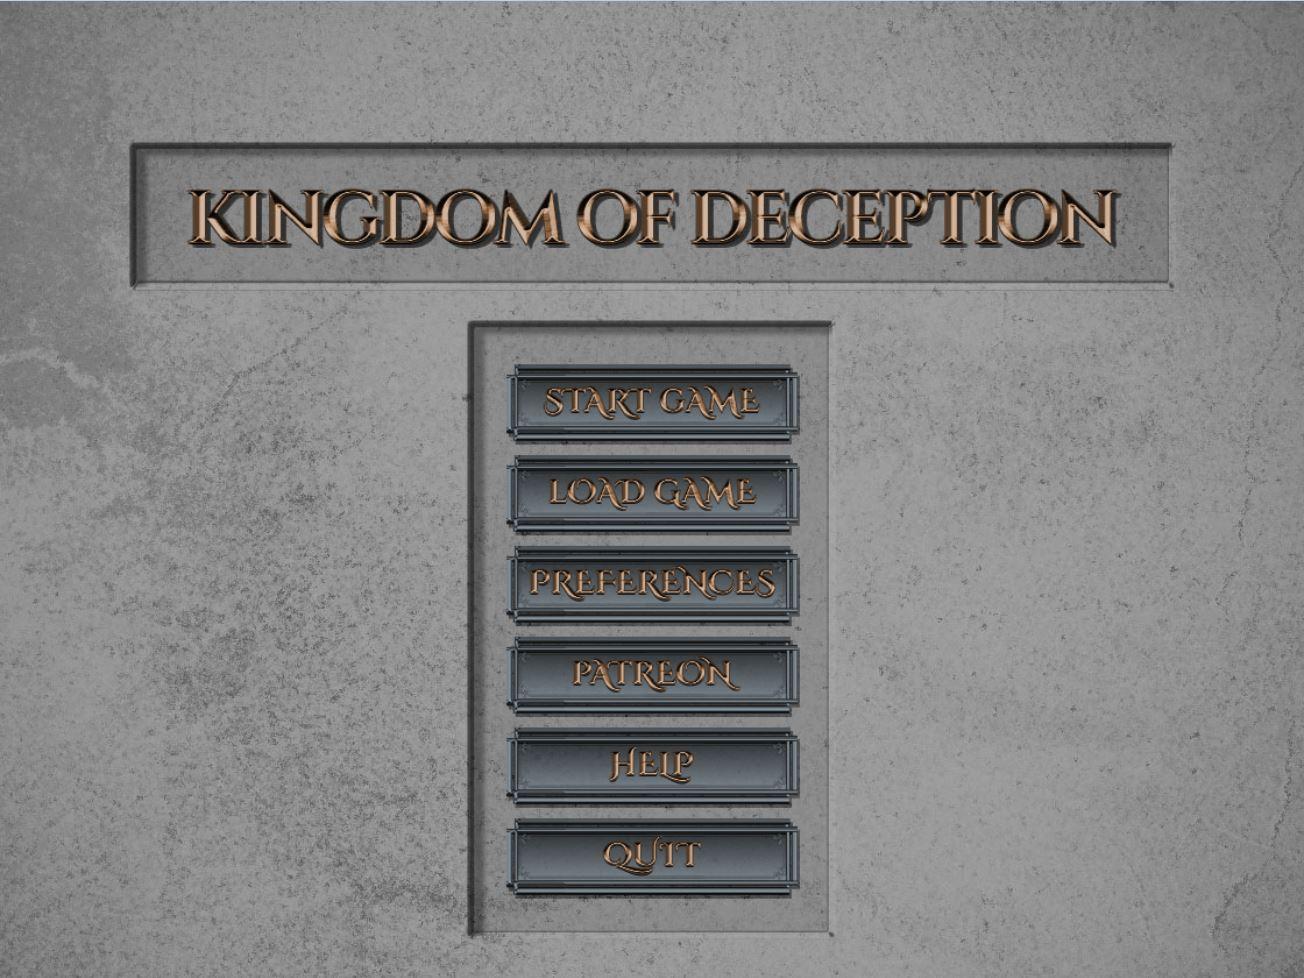 Kingdom of Deception - Version 0.1.0 Update